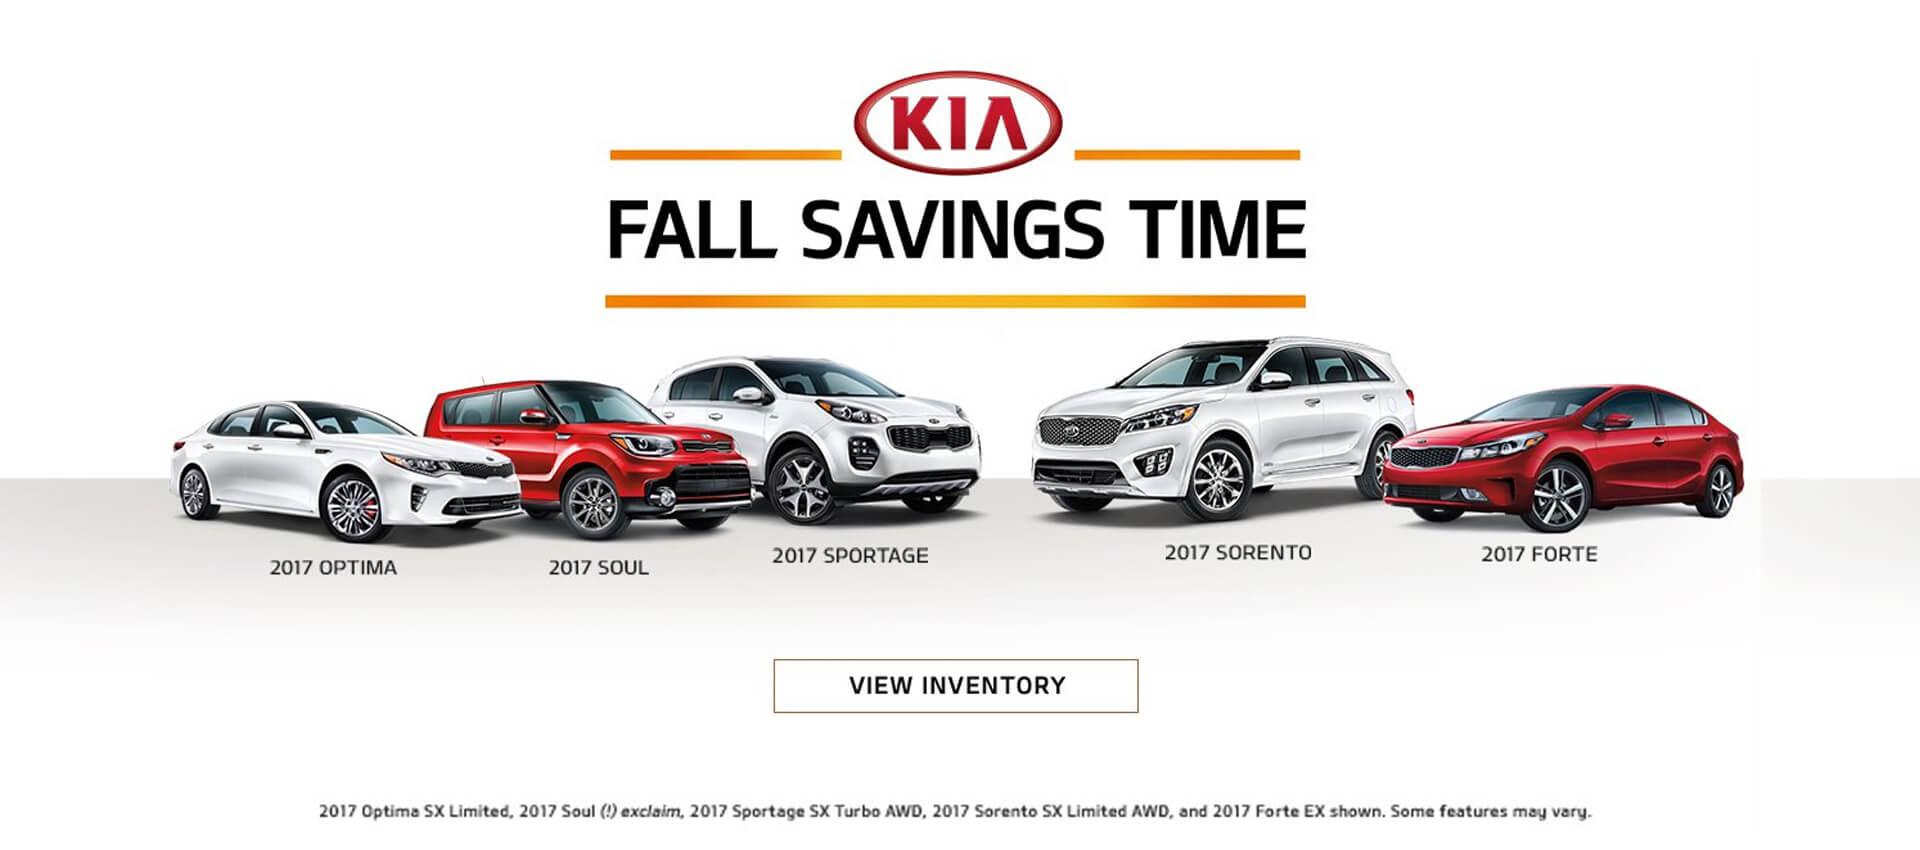 Fall Savings Time